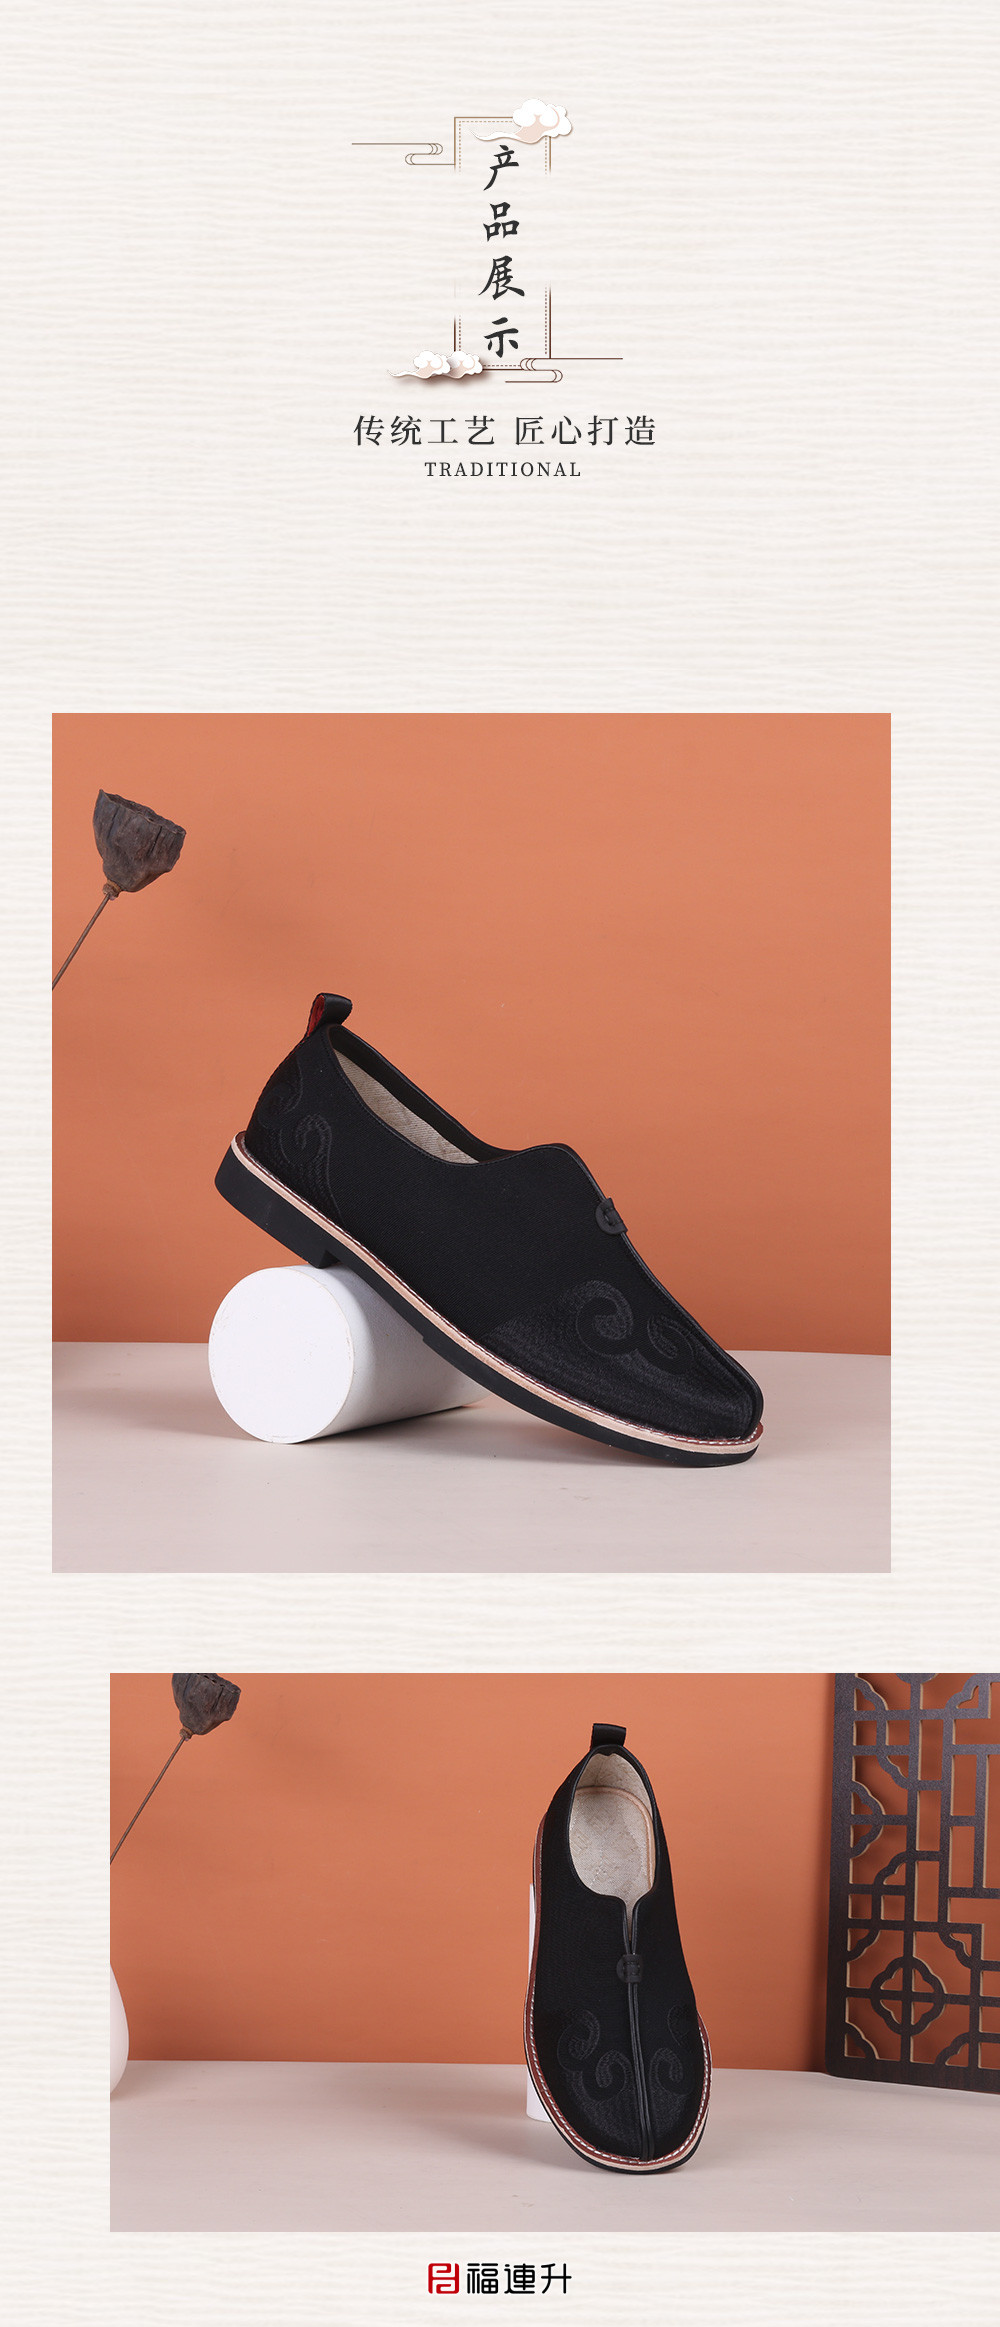 福连升老北京布鞋中国风尚经典休闲礼服呢橡胶发泡底男鞋图片